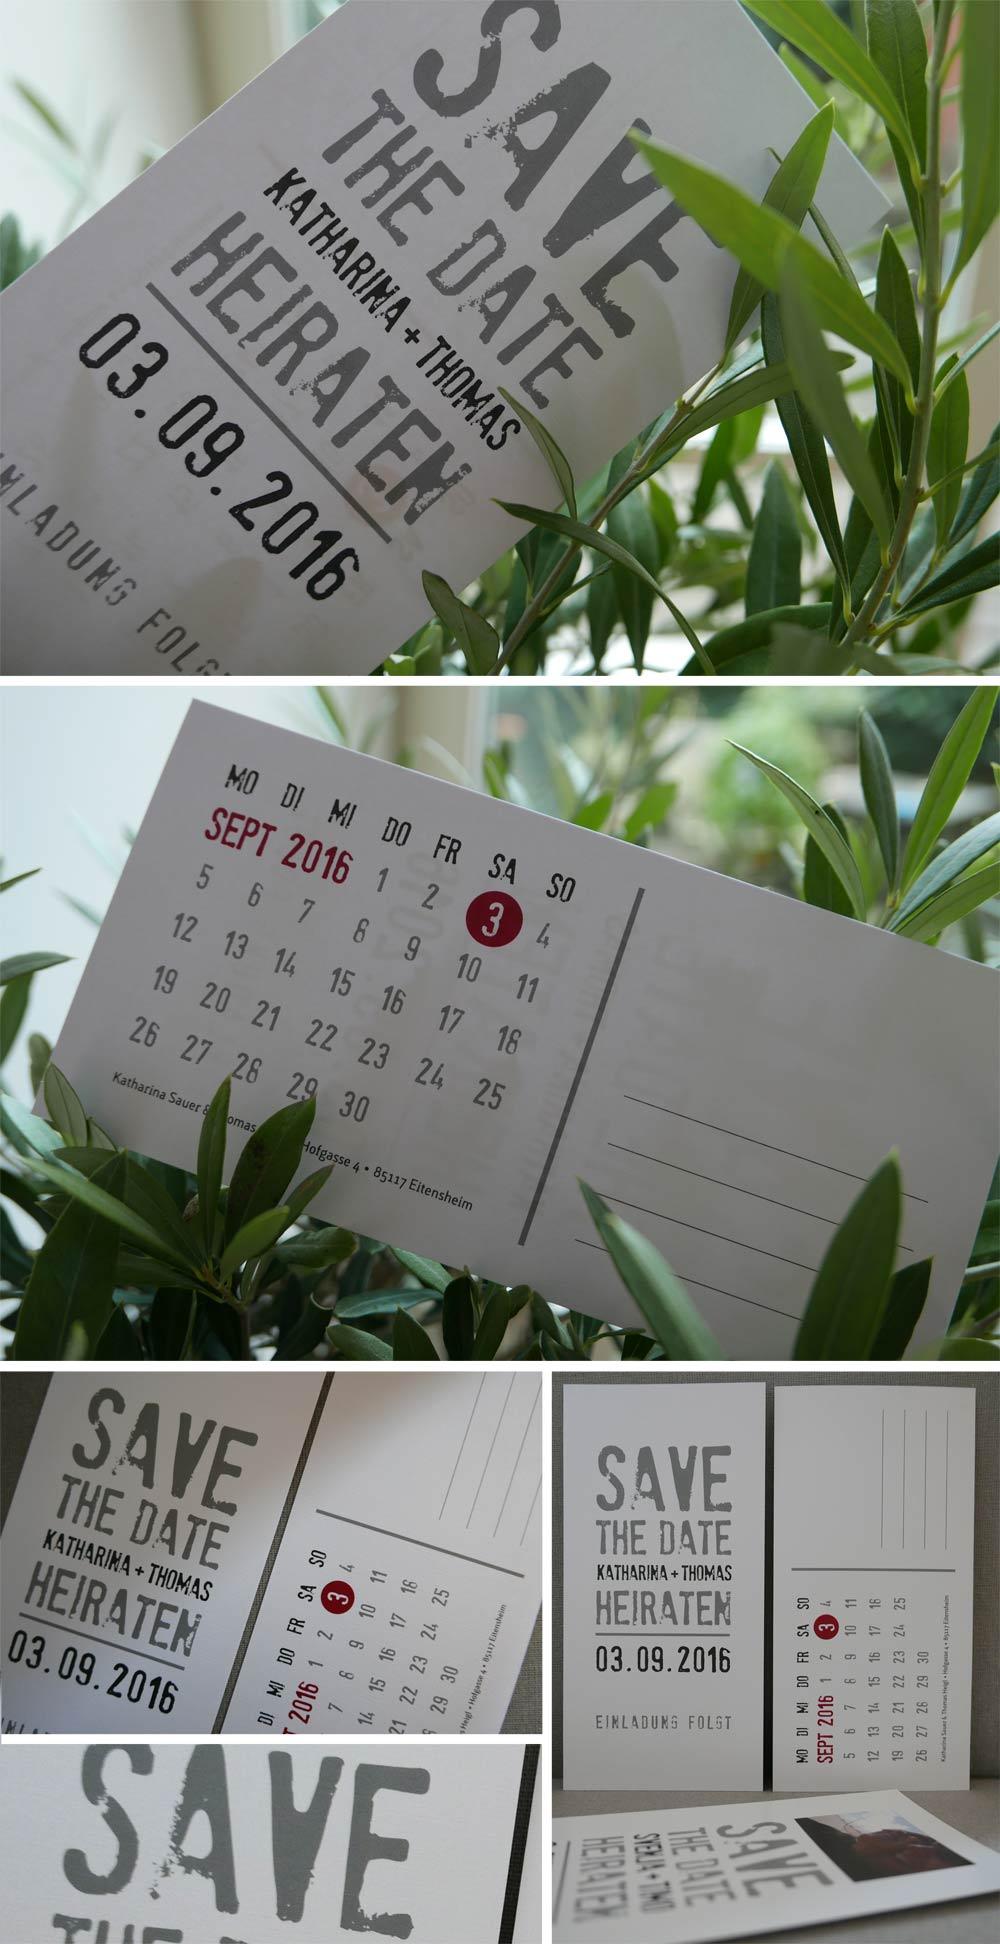 Save-the-Date-Karte zur Hochzeit auf weissem Bilderdruckpapier